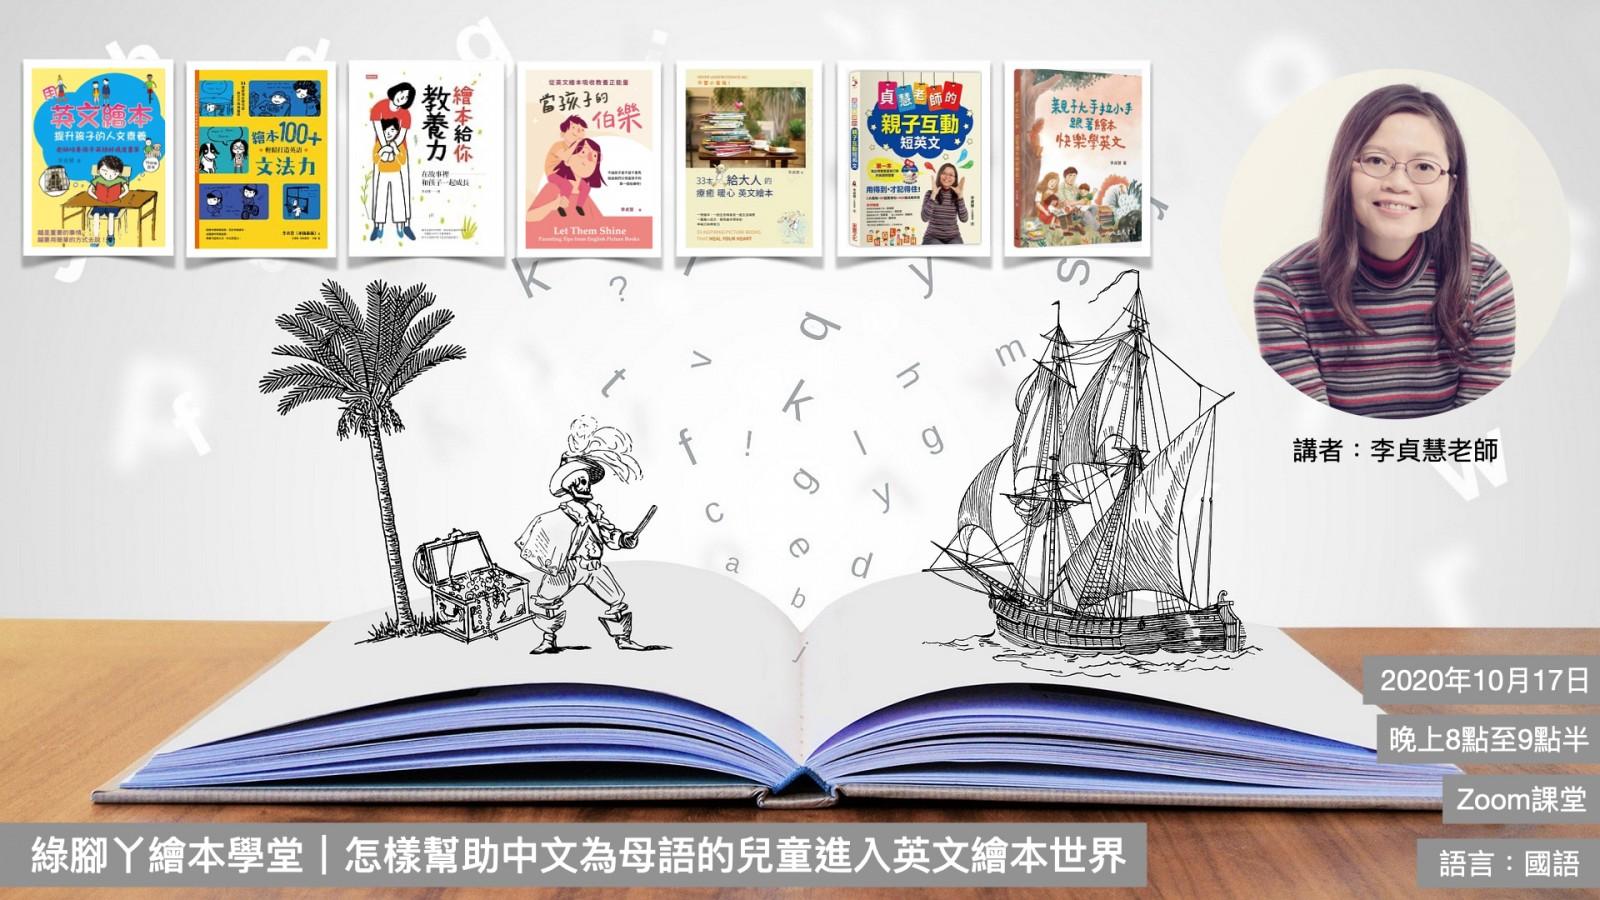 綠腳丫閱讀學堂|怎樣幫助以中文為母語的兒童進入英文繪本世界